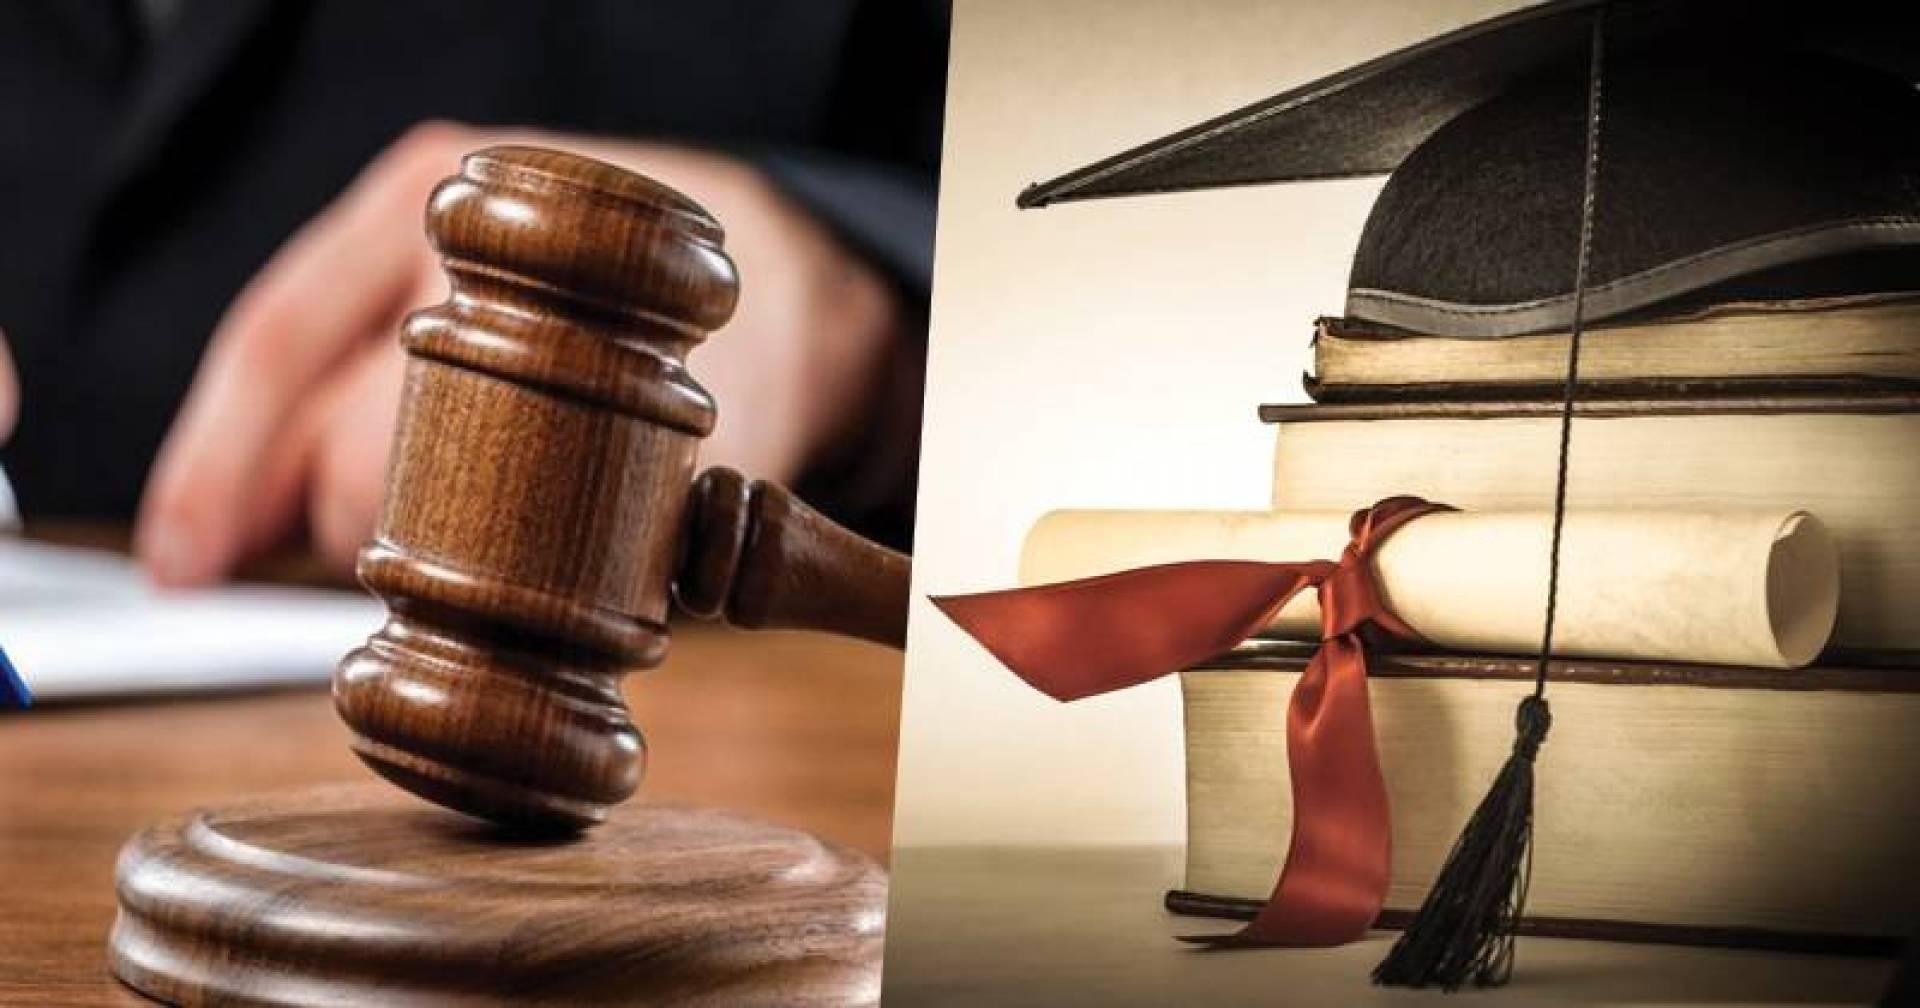 أستاذ جامعي يشكو عدم ترقيته.. والمحكمة تطلب رأي لجنة محايدة